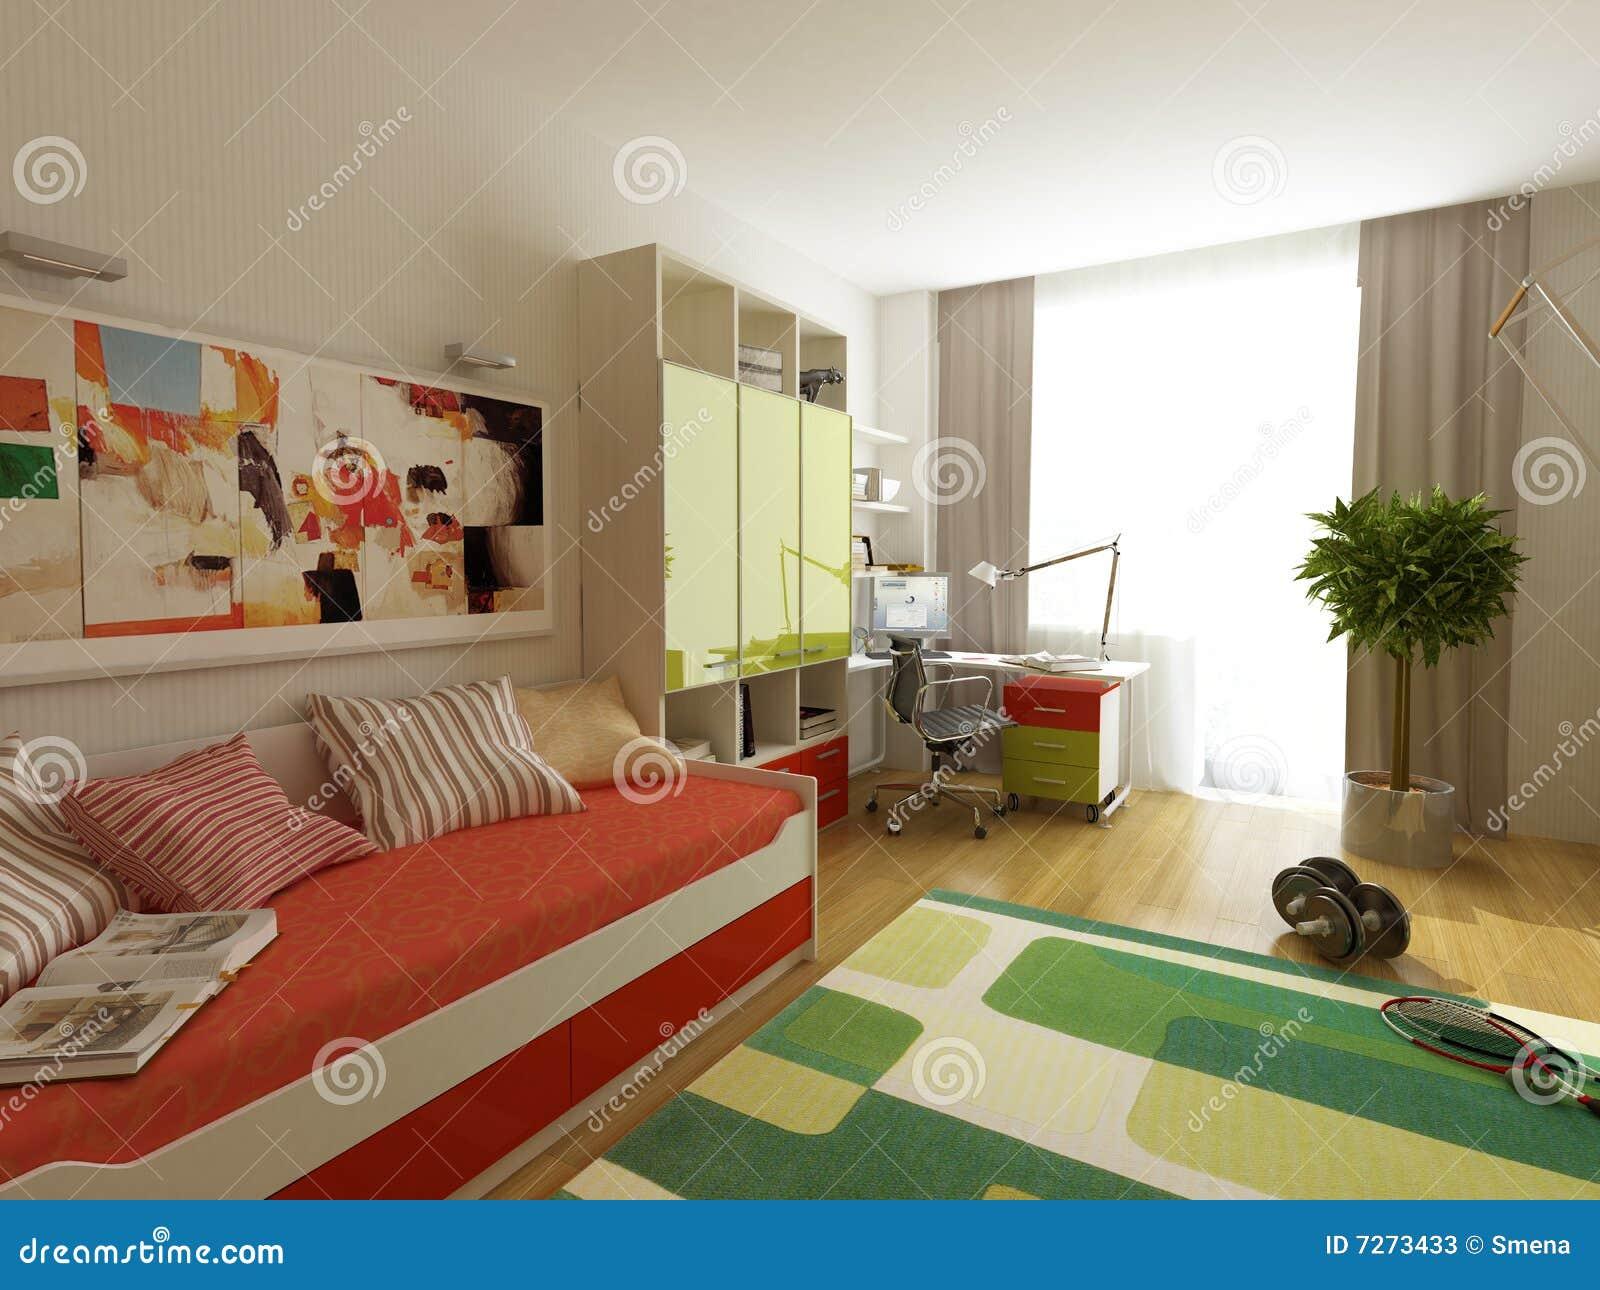 Disegno interno moderno l 39 appartamento 3d del privat for Interno moderno